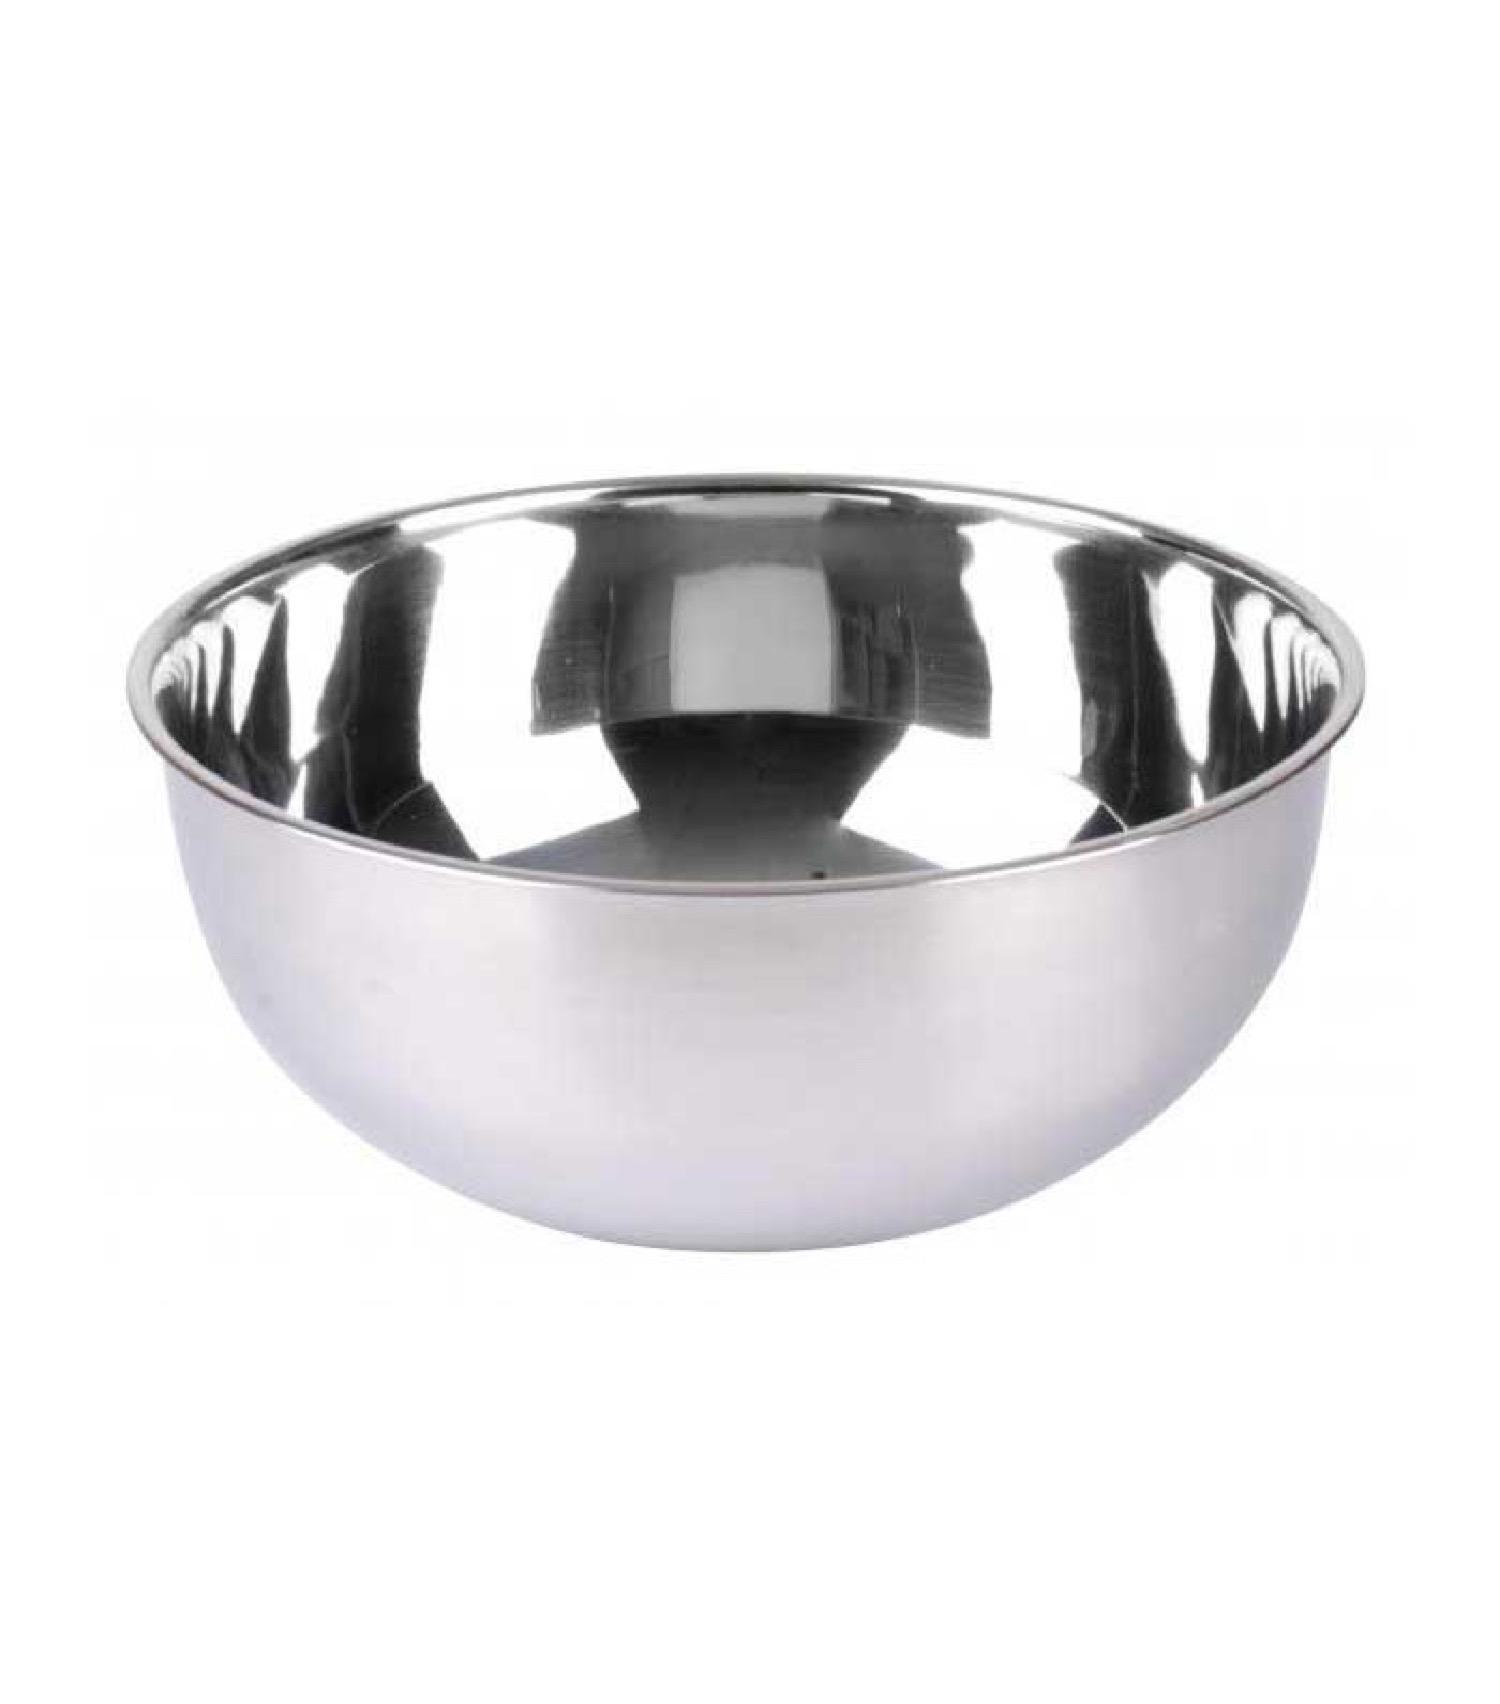 Bol préparation mélangeur / saladier inox D25cm